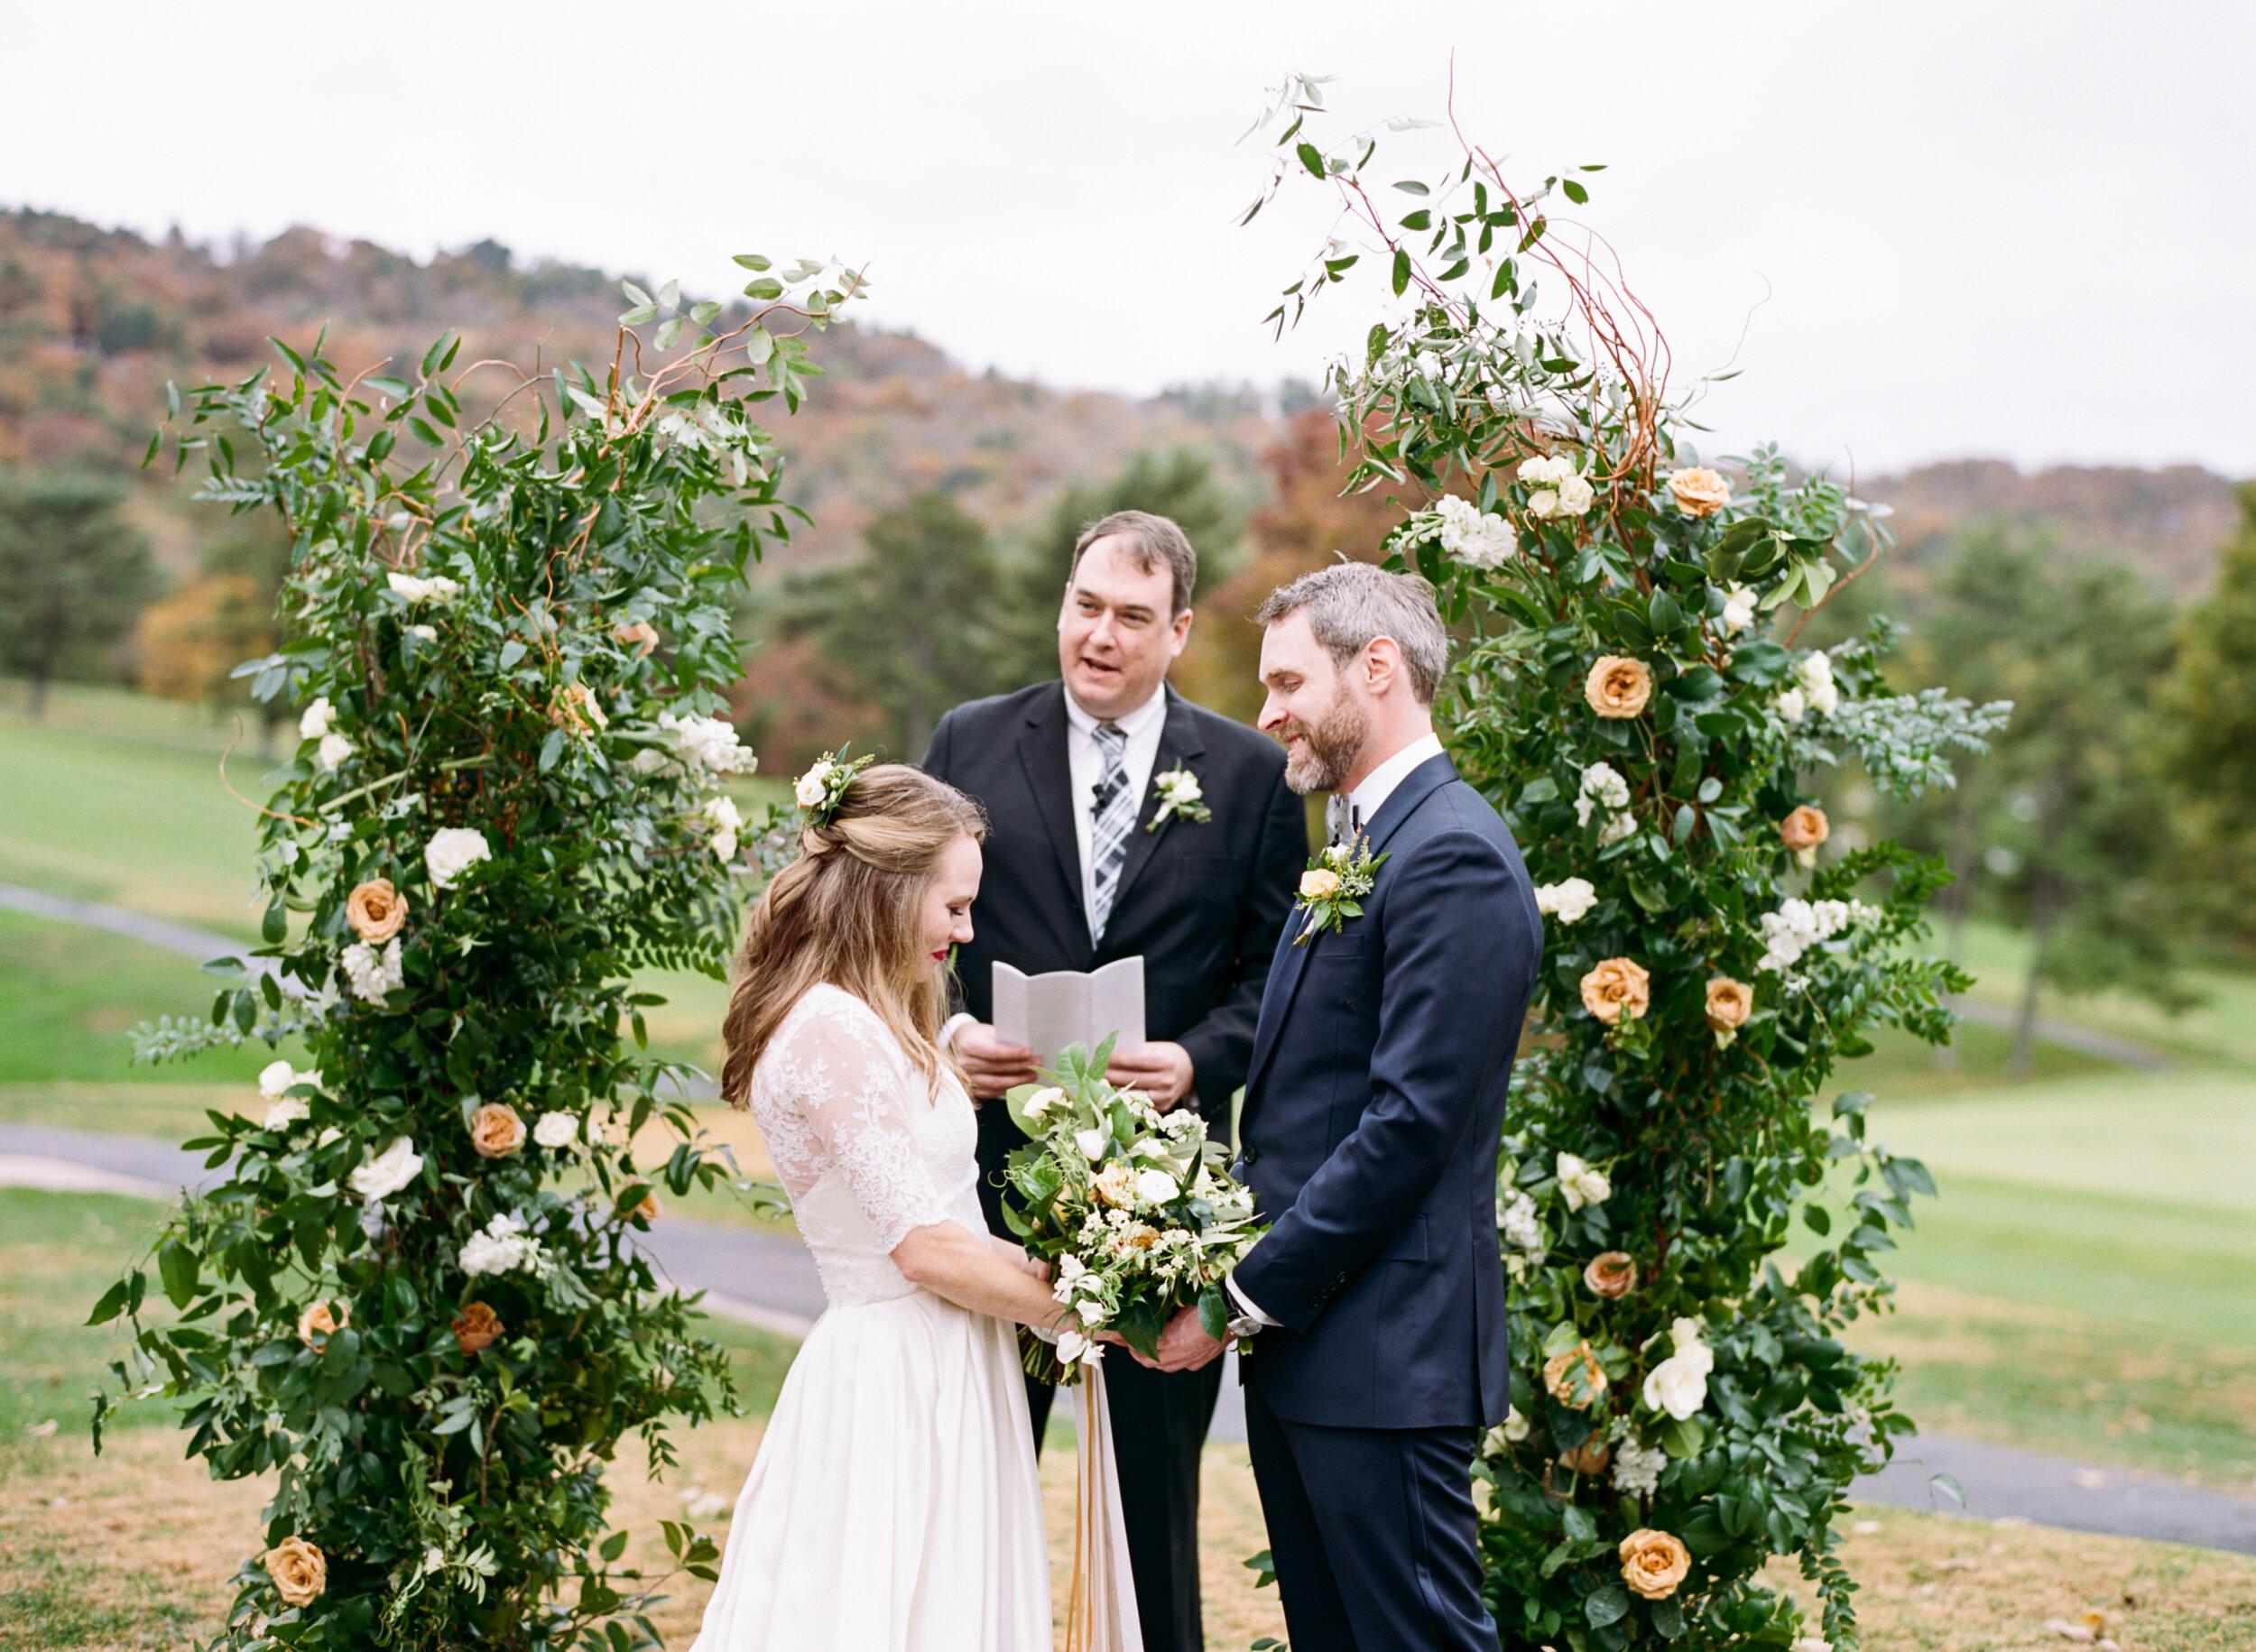 Wedding-652.jpg